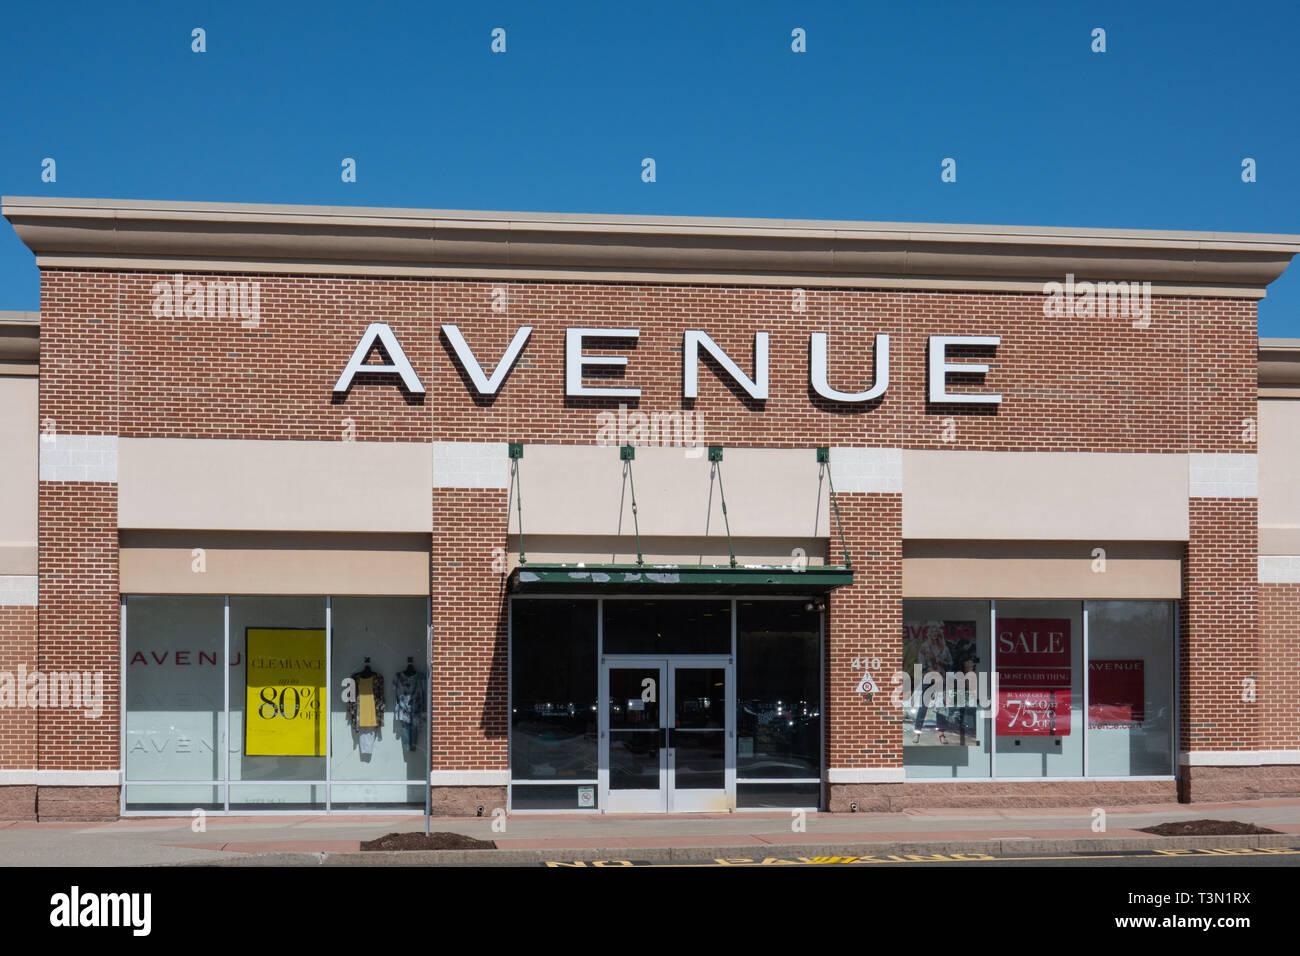 Trenton Nj Abril 1 2019 Esta Tienda Esta Ubicada En La Avenida Hamilton Mercado Avenue Es Una Tienda Especializada En Ropa De Mujer Tallas Grandes Fotografia De Stock Alamy